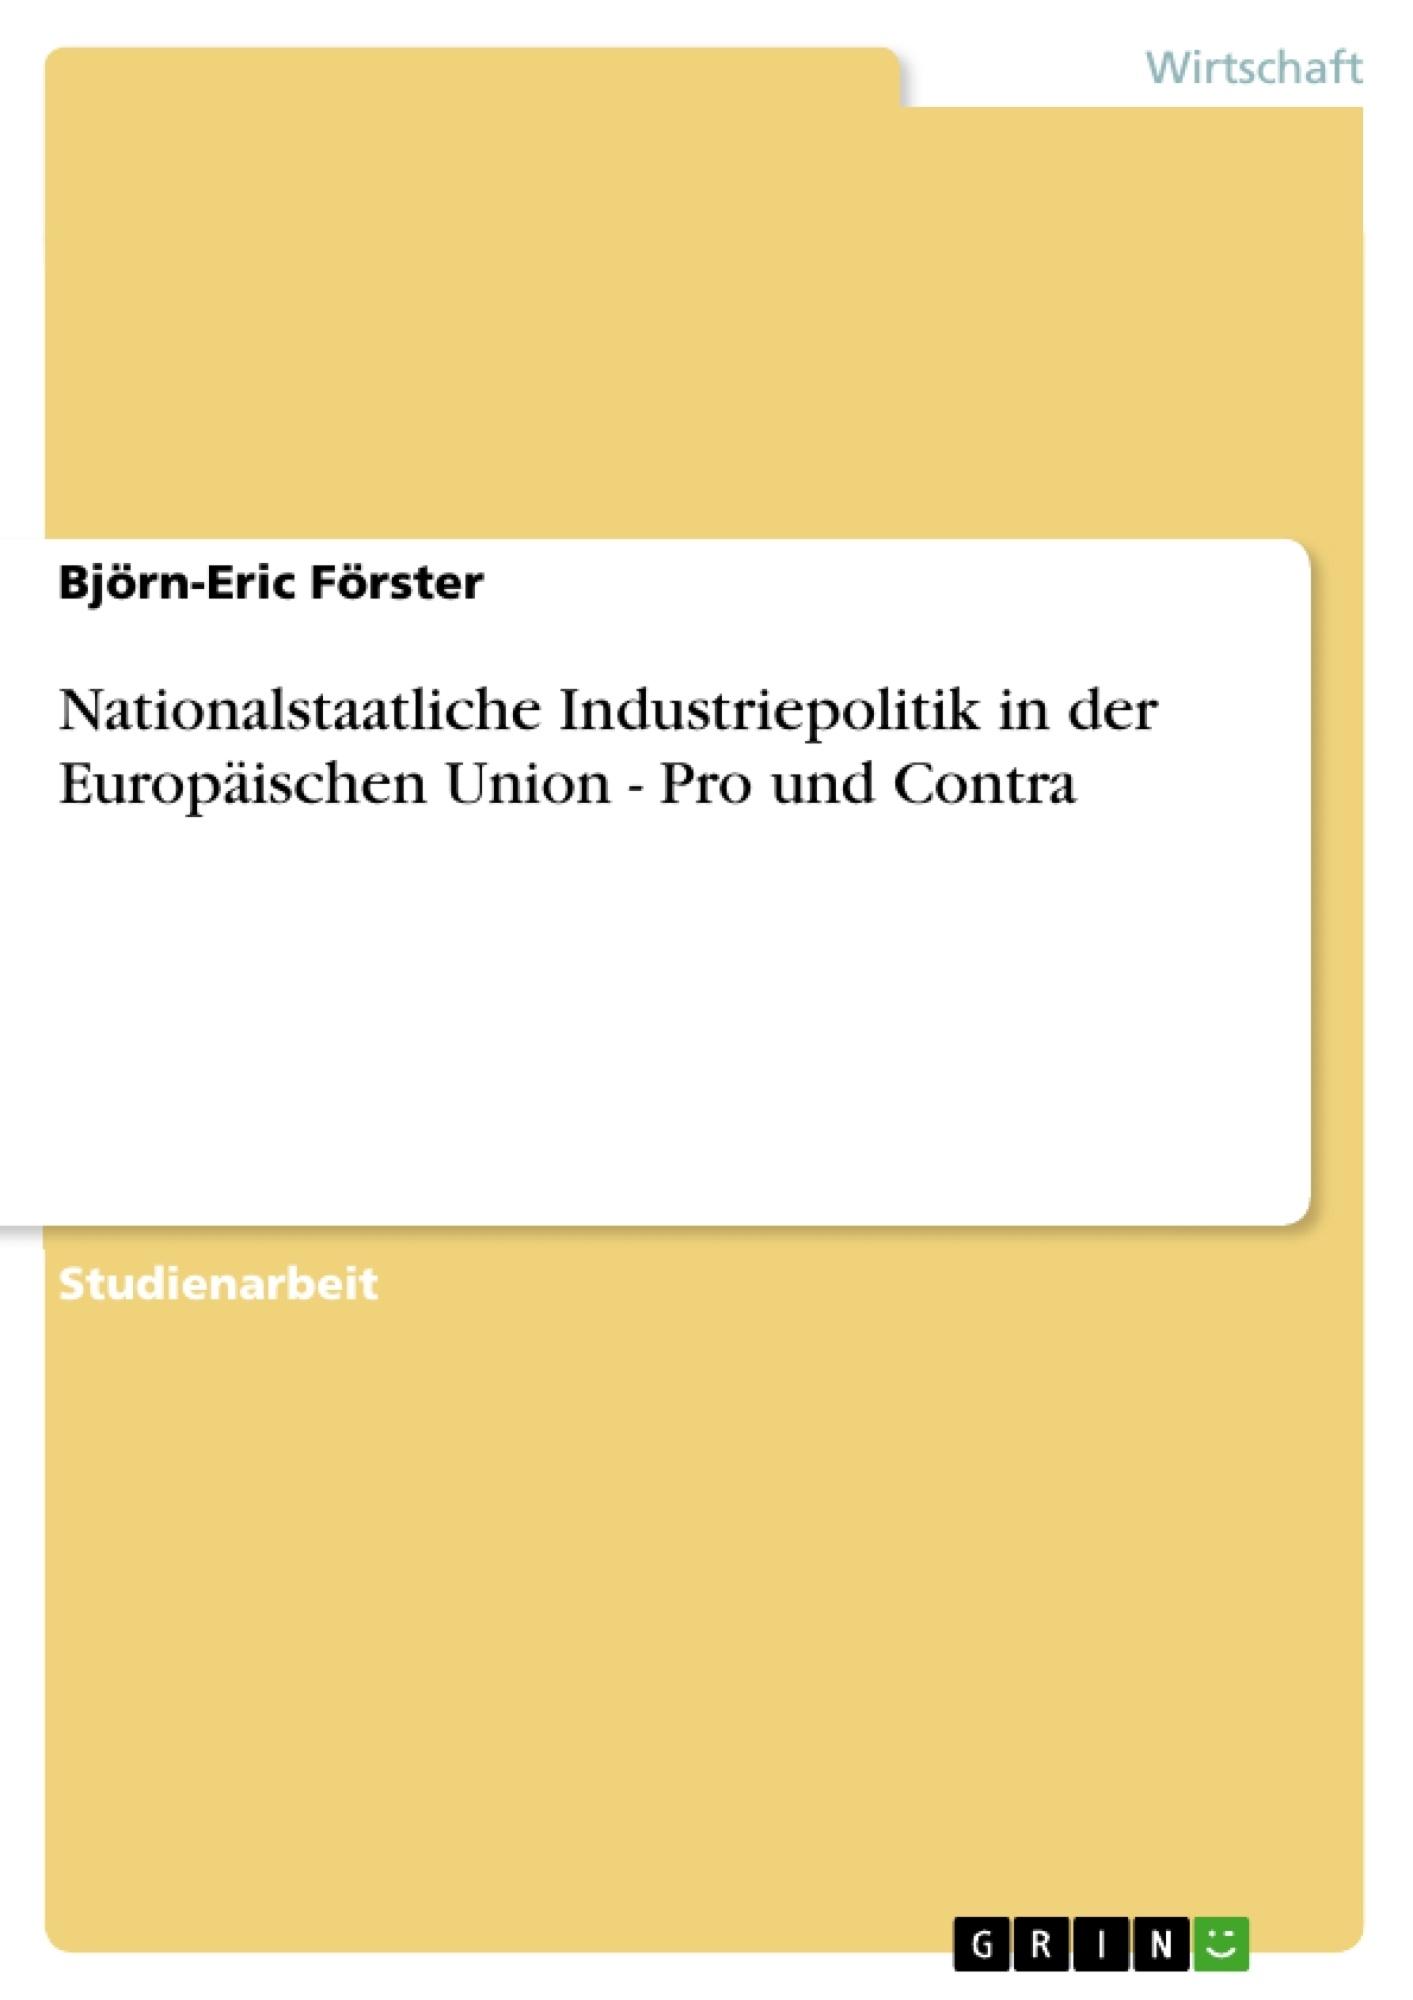 Titel: Nationalstaatliche Industriepolitik in der Europäischen Union - Pro und Contra